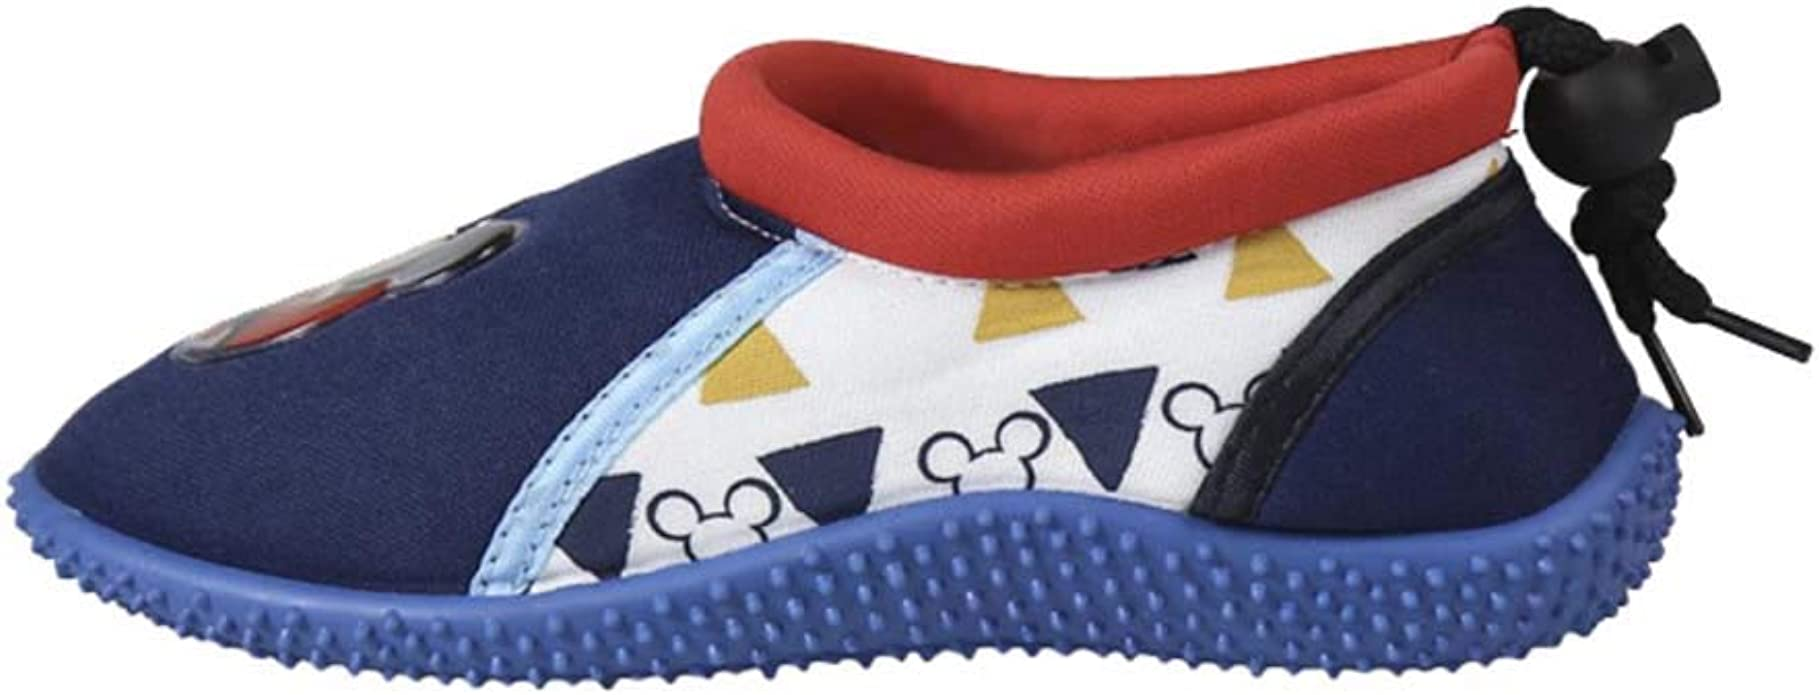 Prot/ègent Les Pieds des Enfants Cordon de Serrage Ajustable /à larri/ère pour Un Maintien Chaussures Aquatiques Mickey